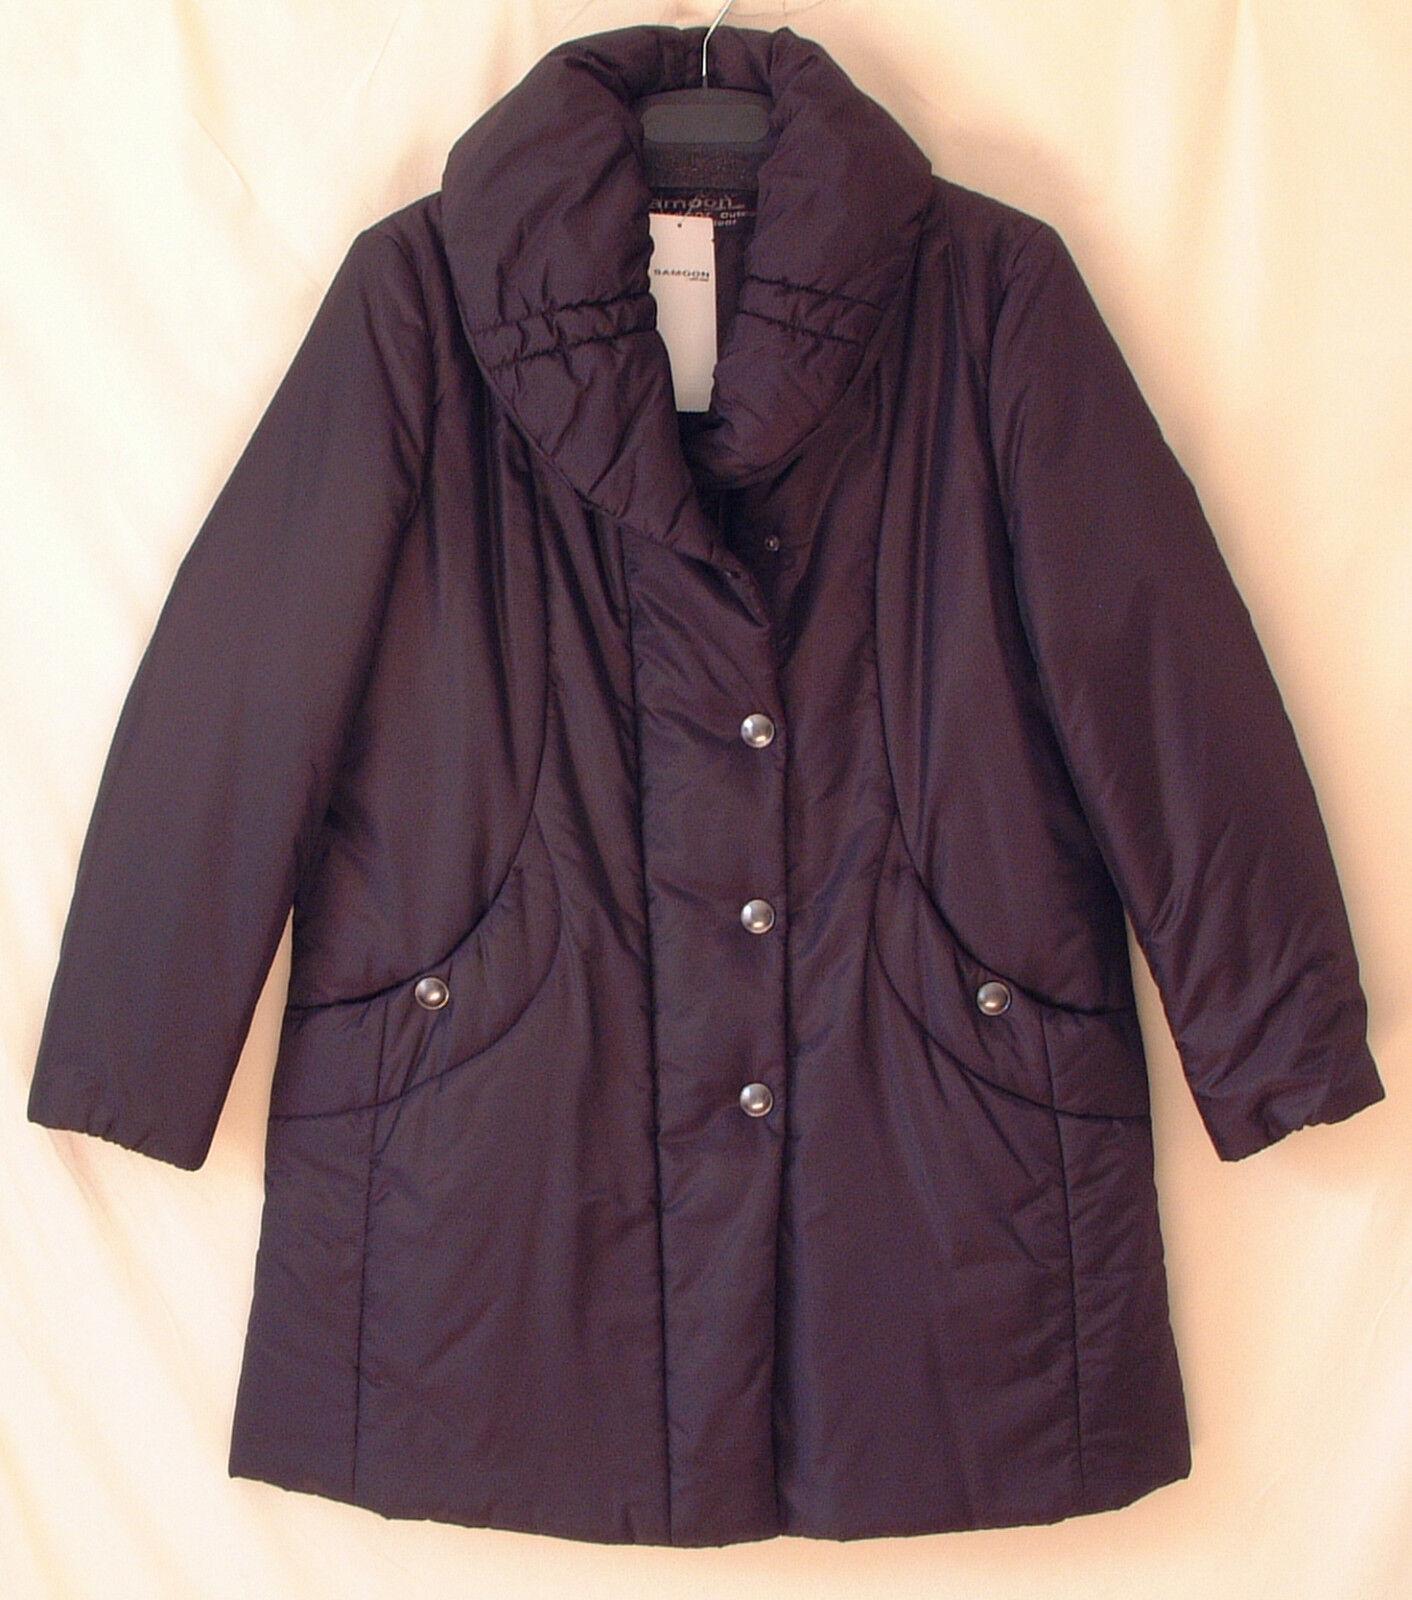 Samoon abrigo gerry weber  abrigo invernal marrón oscuro pantalón volumen cuello talla  servicio honesto